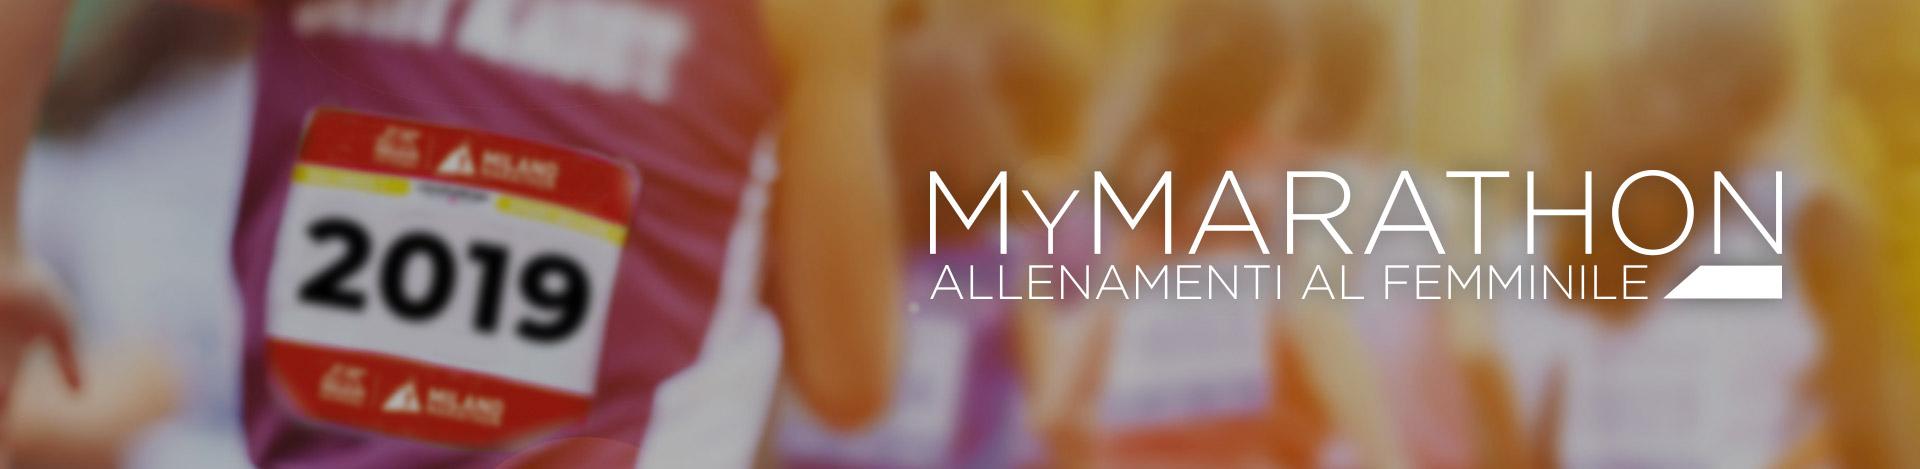 MyMarathon 2019, il programma di allenamento dedicato alle donne